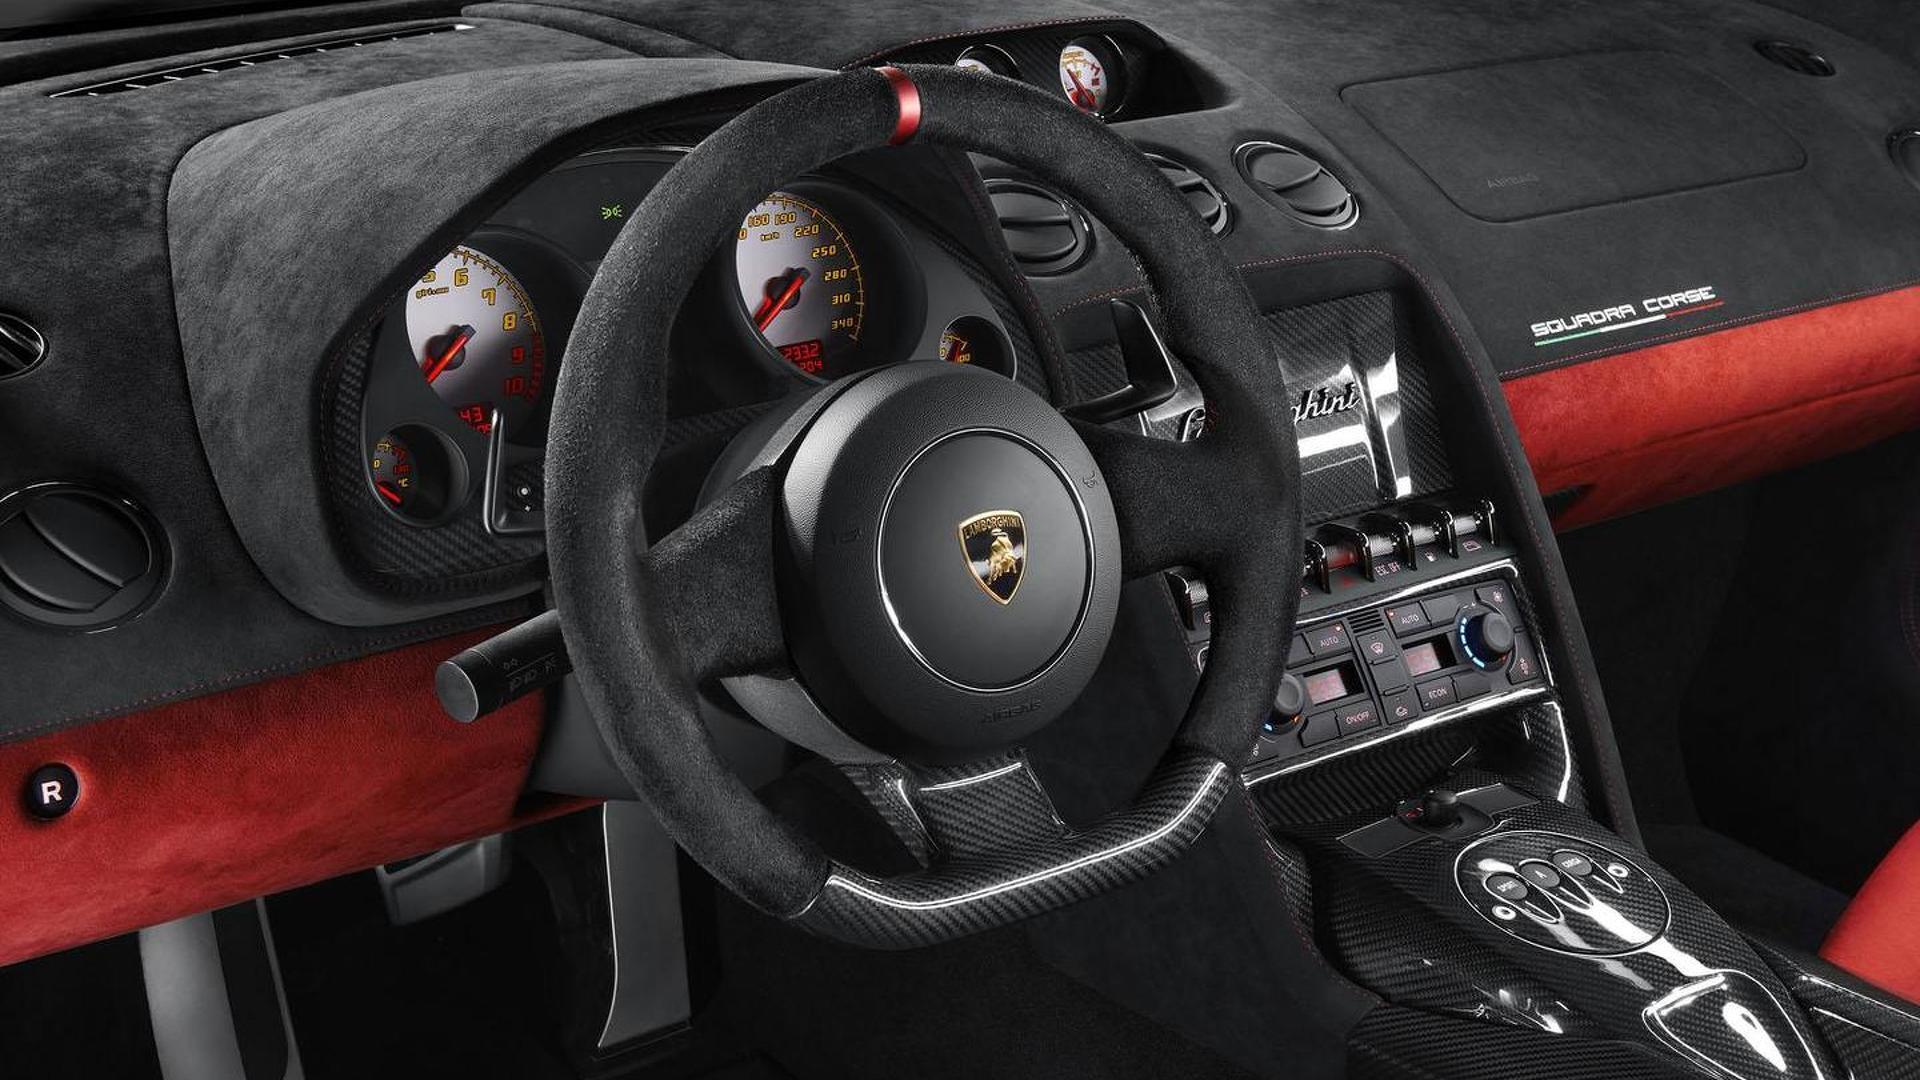 Lamborghini Gallardo Lp 570 4 Squadra Corse And Super Trofeo Tested